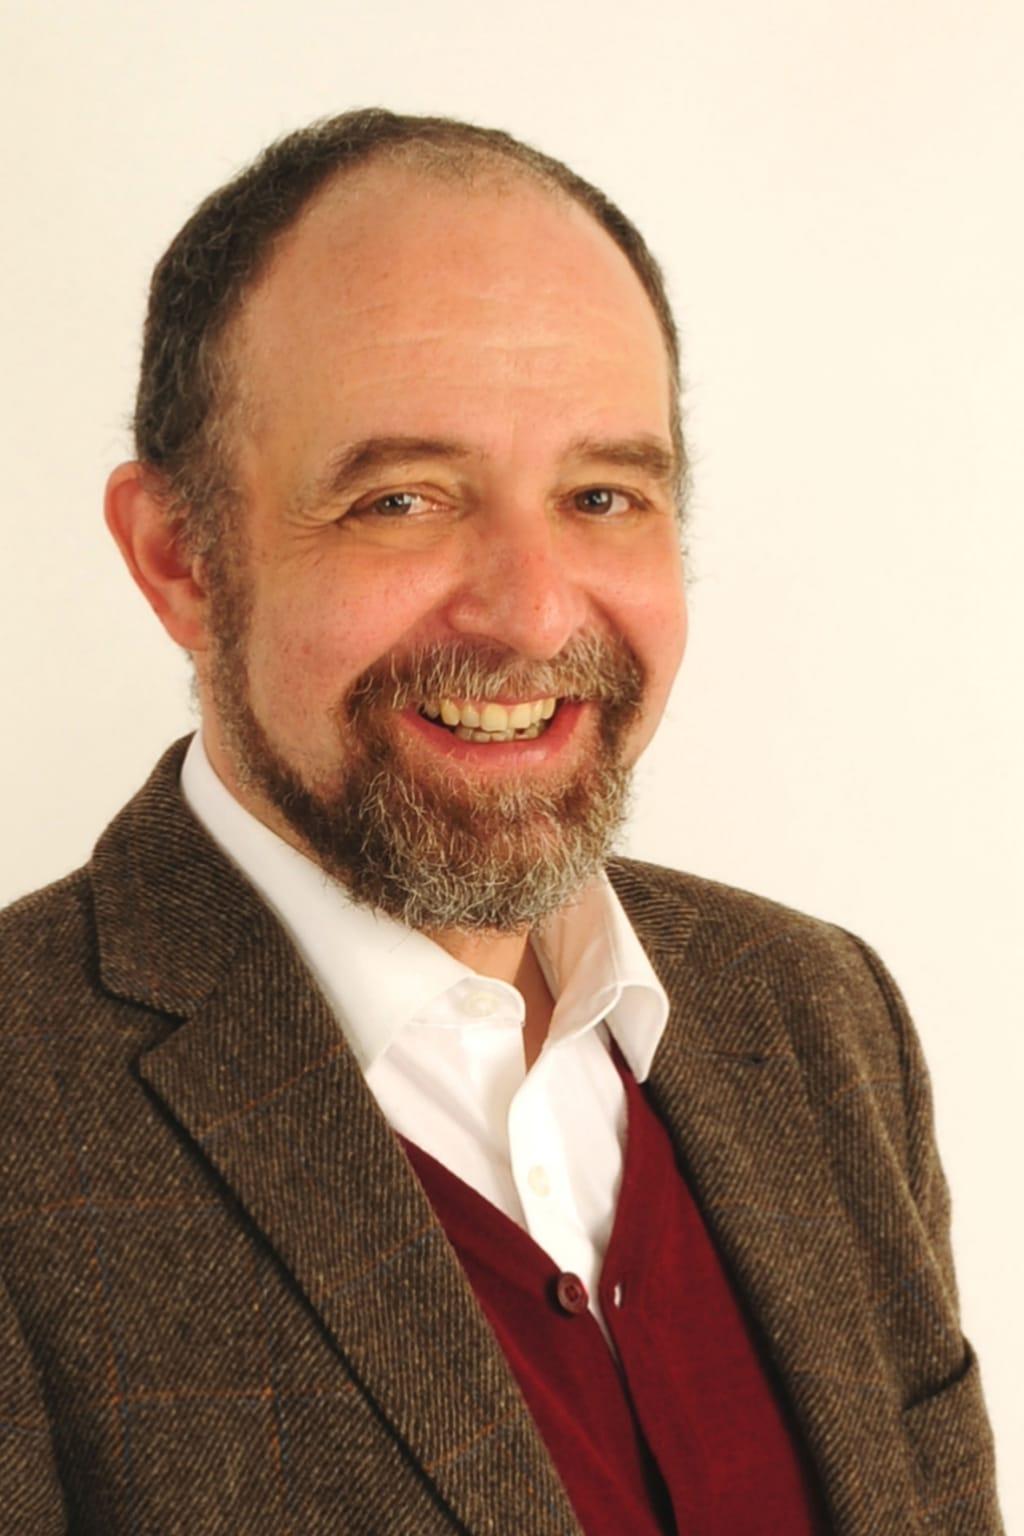 Jan Welzel, Ordnungsdezernent der Stadt Solingen